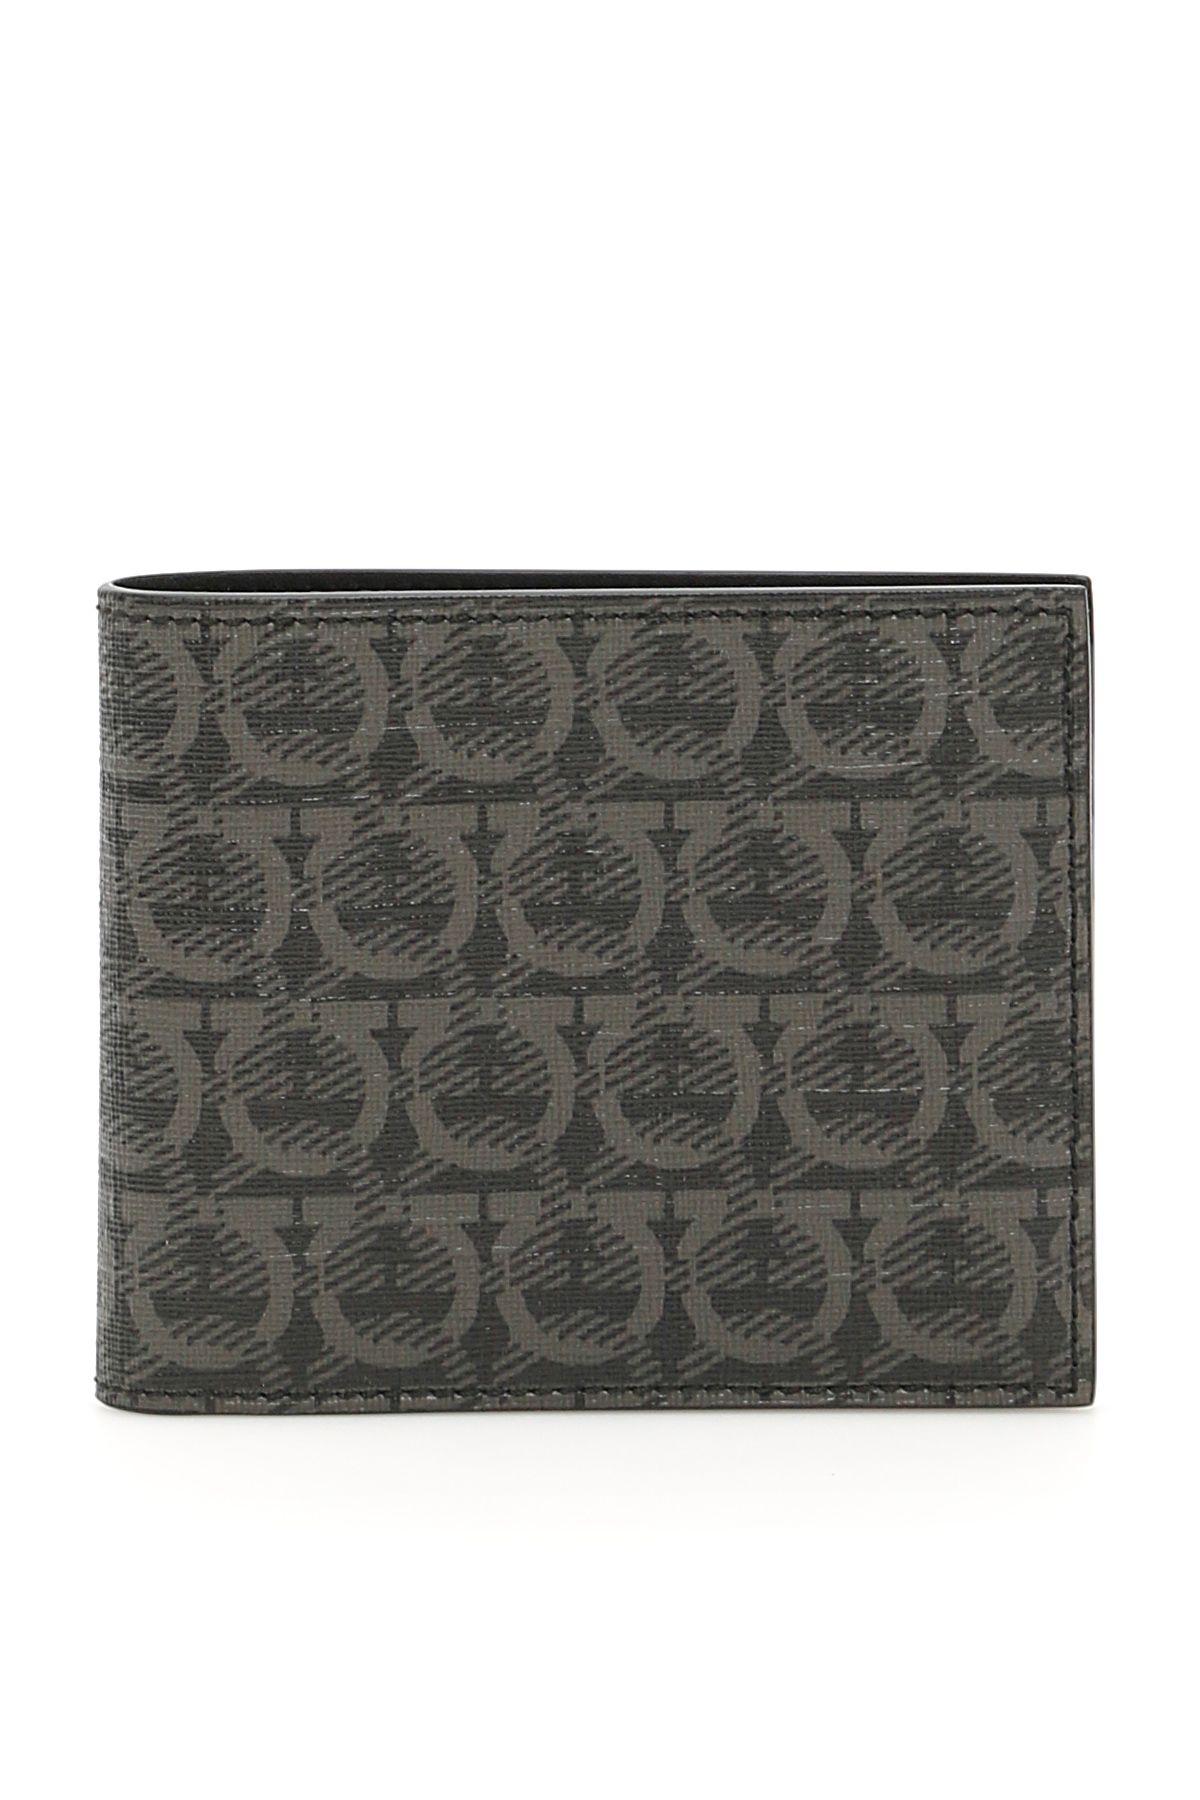 Salvatore Ferragamo Double Gancio Wallet In Nero Grigio (Black)